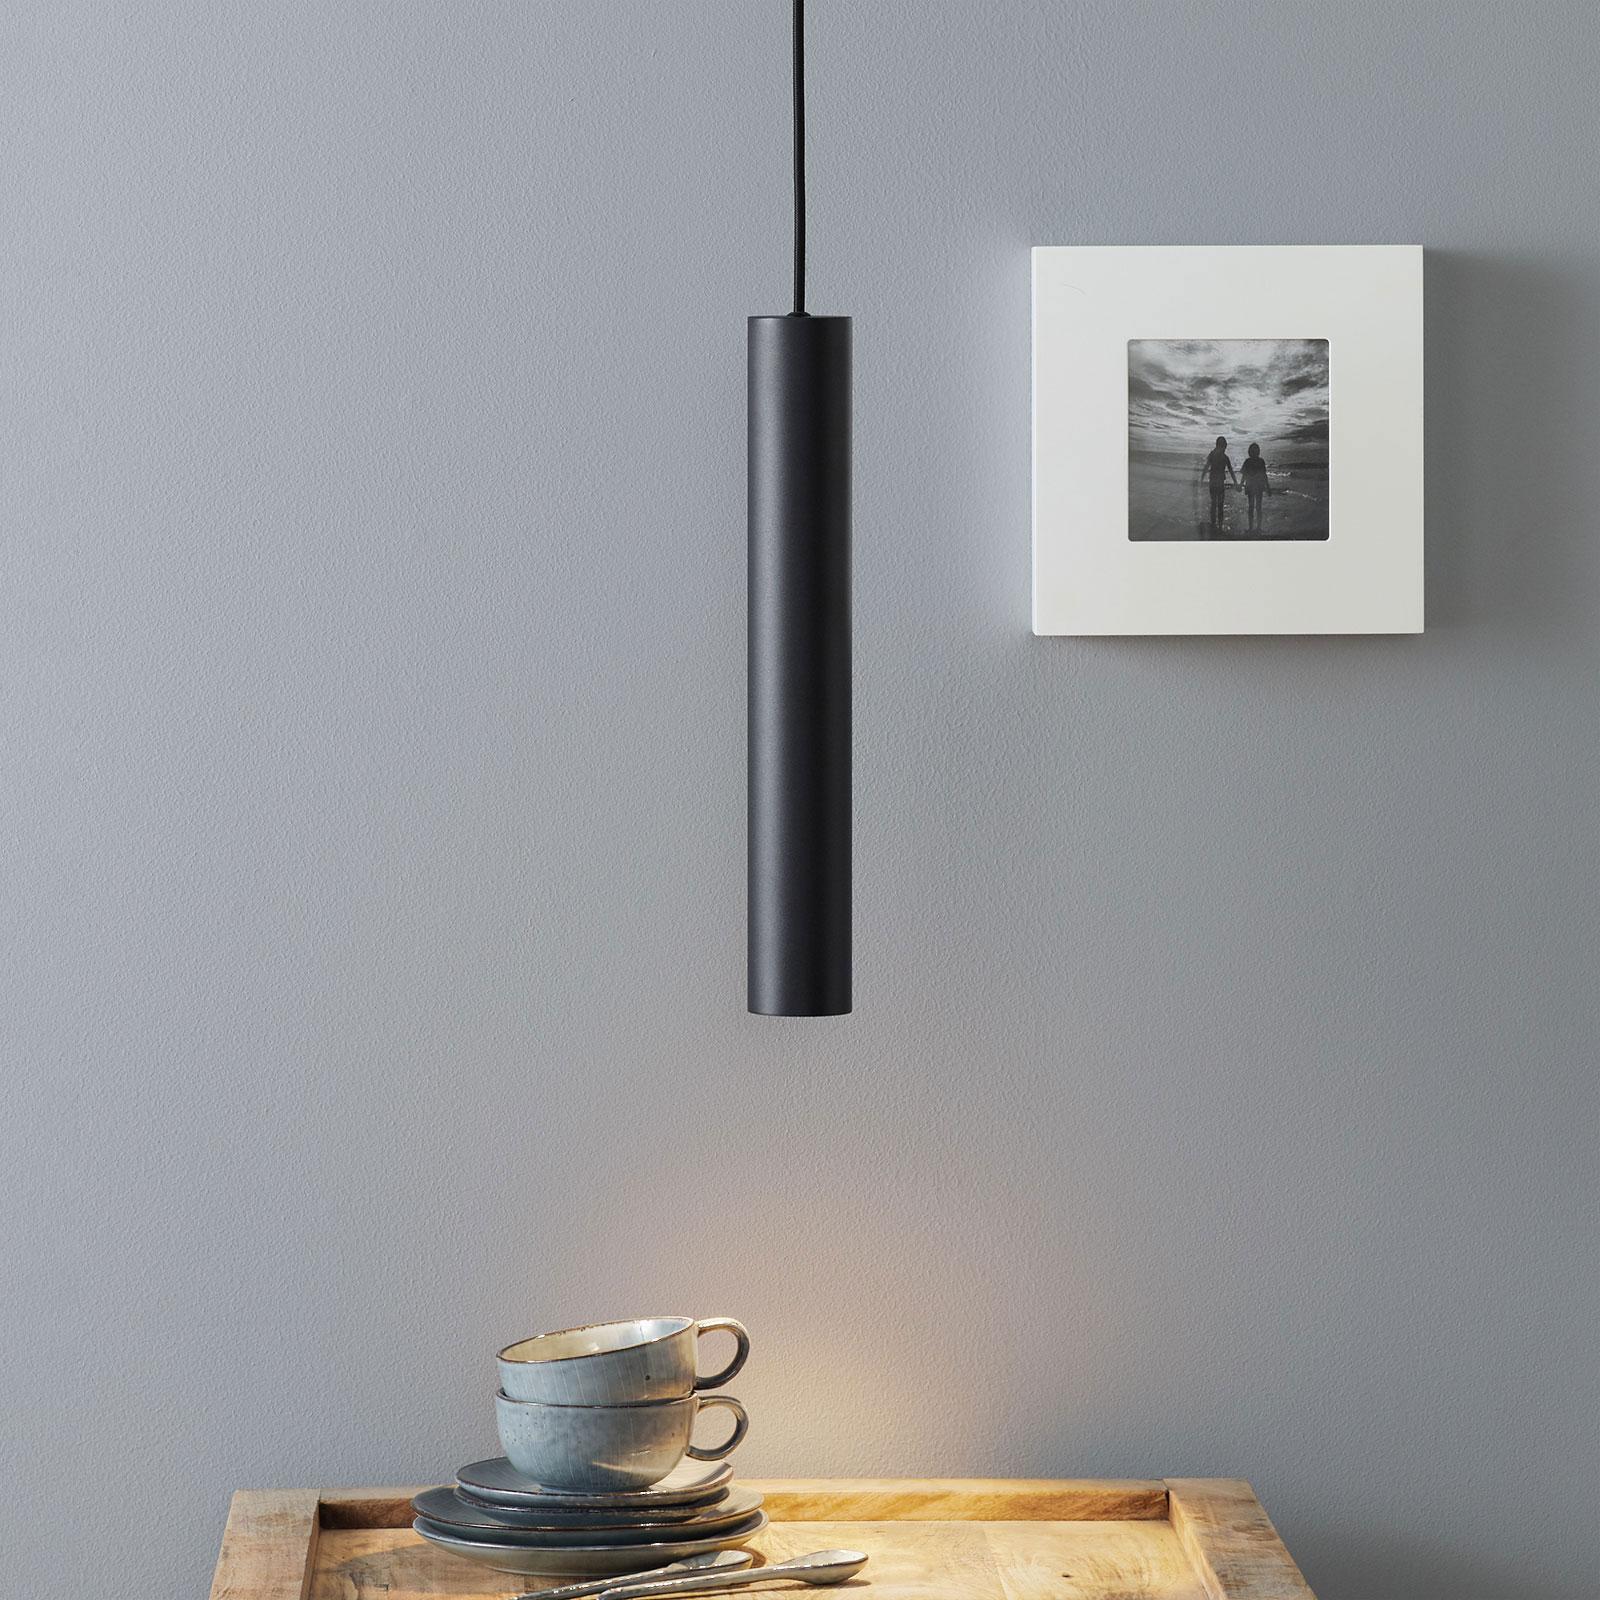 Lámpara colgante negra Look con forma esbelta